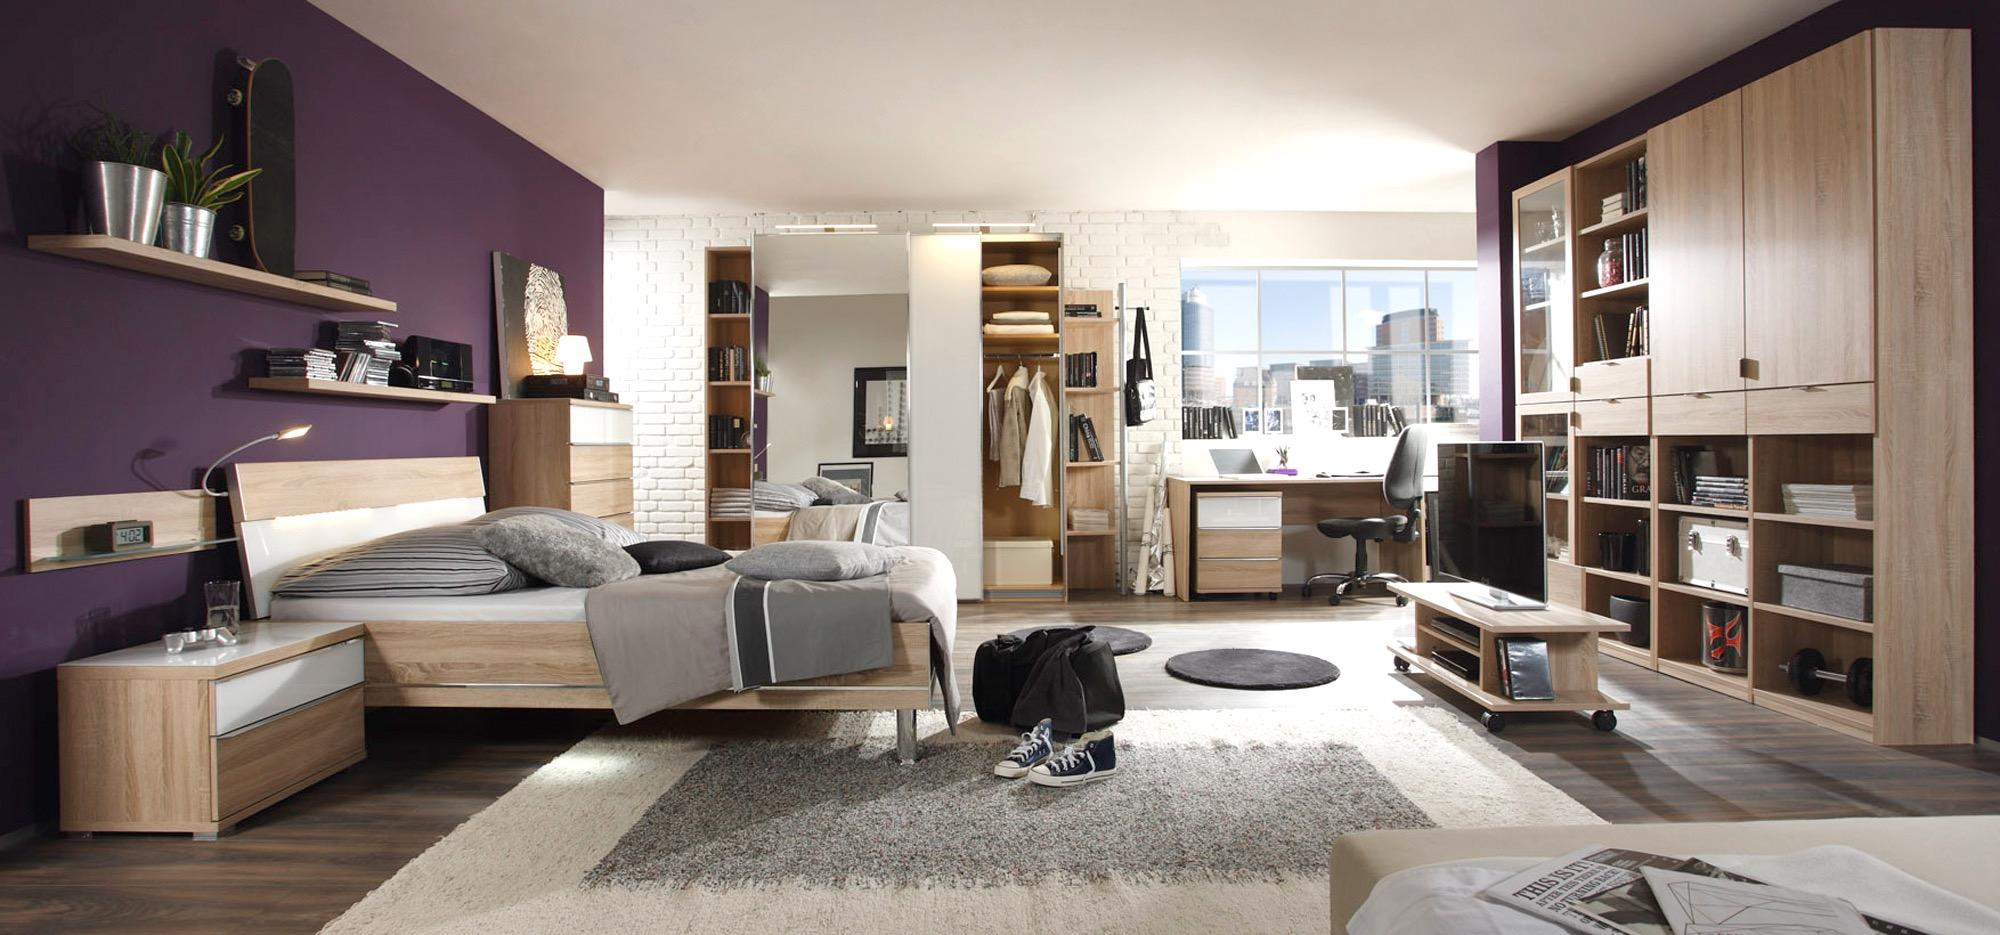 Wohnung Streichen Ideen Schlafzimmer 24 Schön 1 Zimmer Wohnung